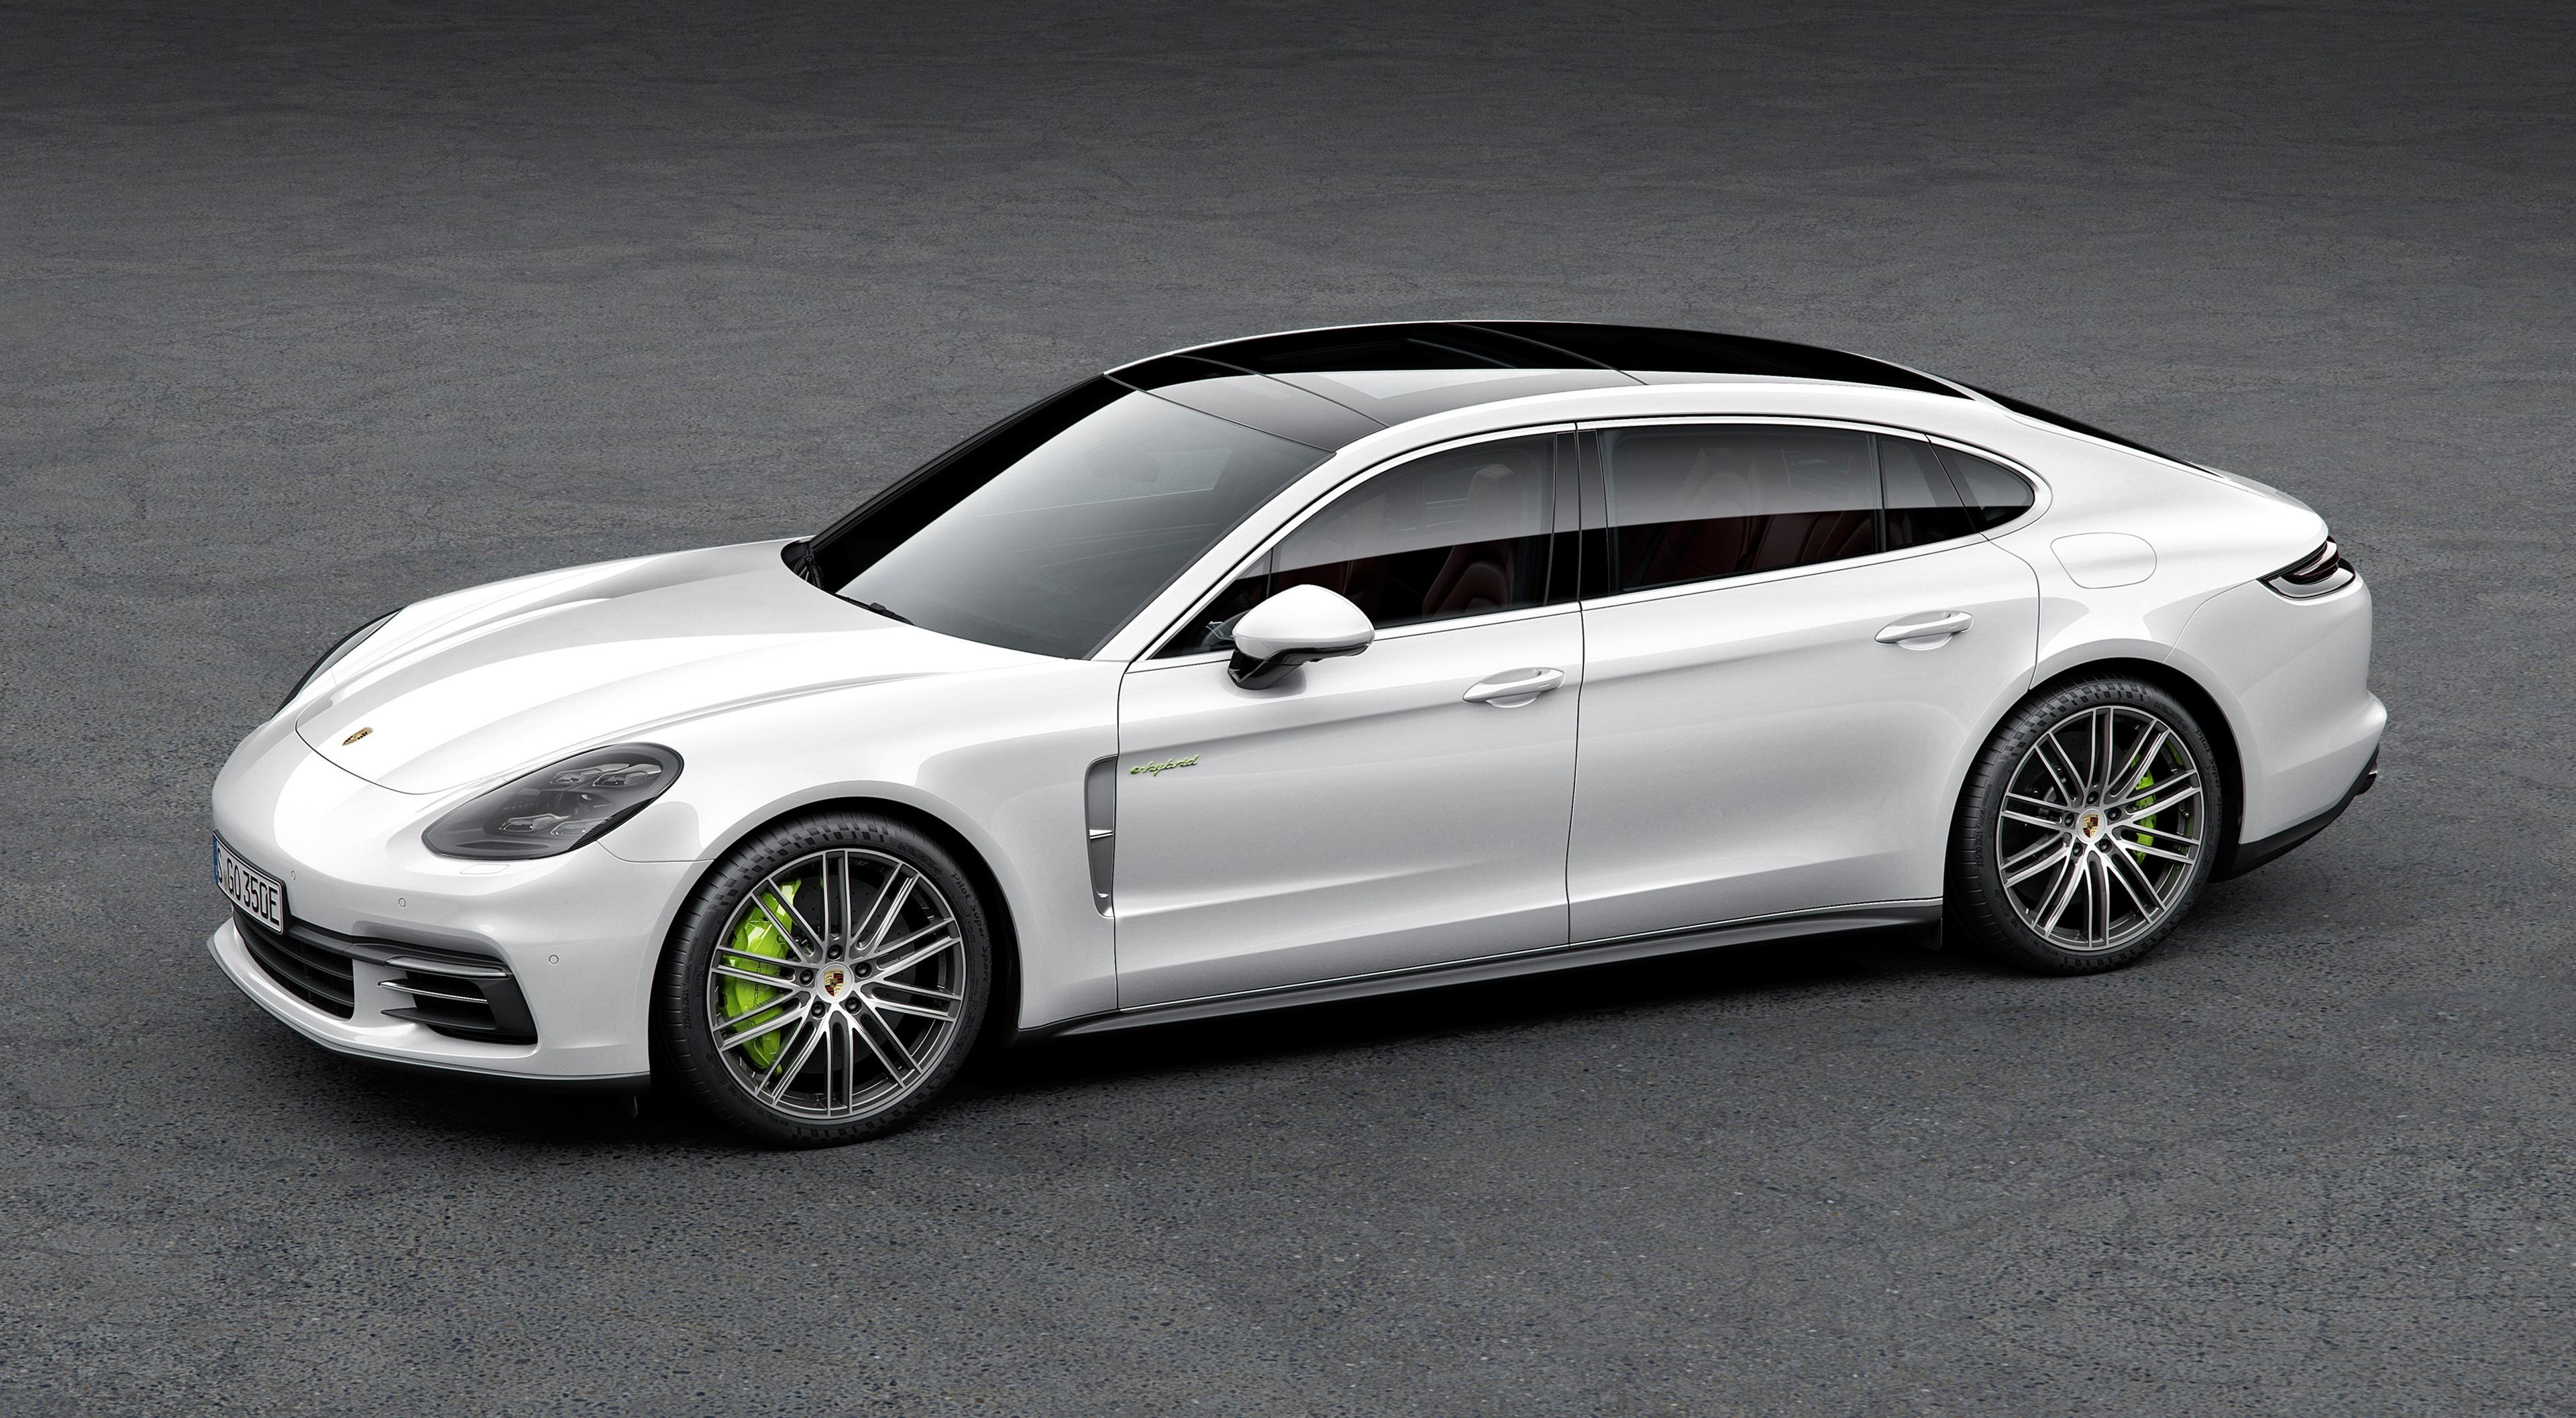 Обои для рабочего стола Порше Panamera 4, E-Hybrid Executive, 2016, Liftback Белый Сбоку автомобиль 3840x2114 Porsche белая белые белых авто машины машина Автомобили